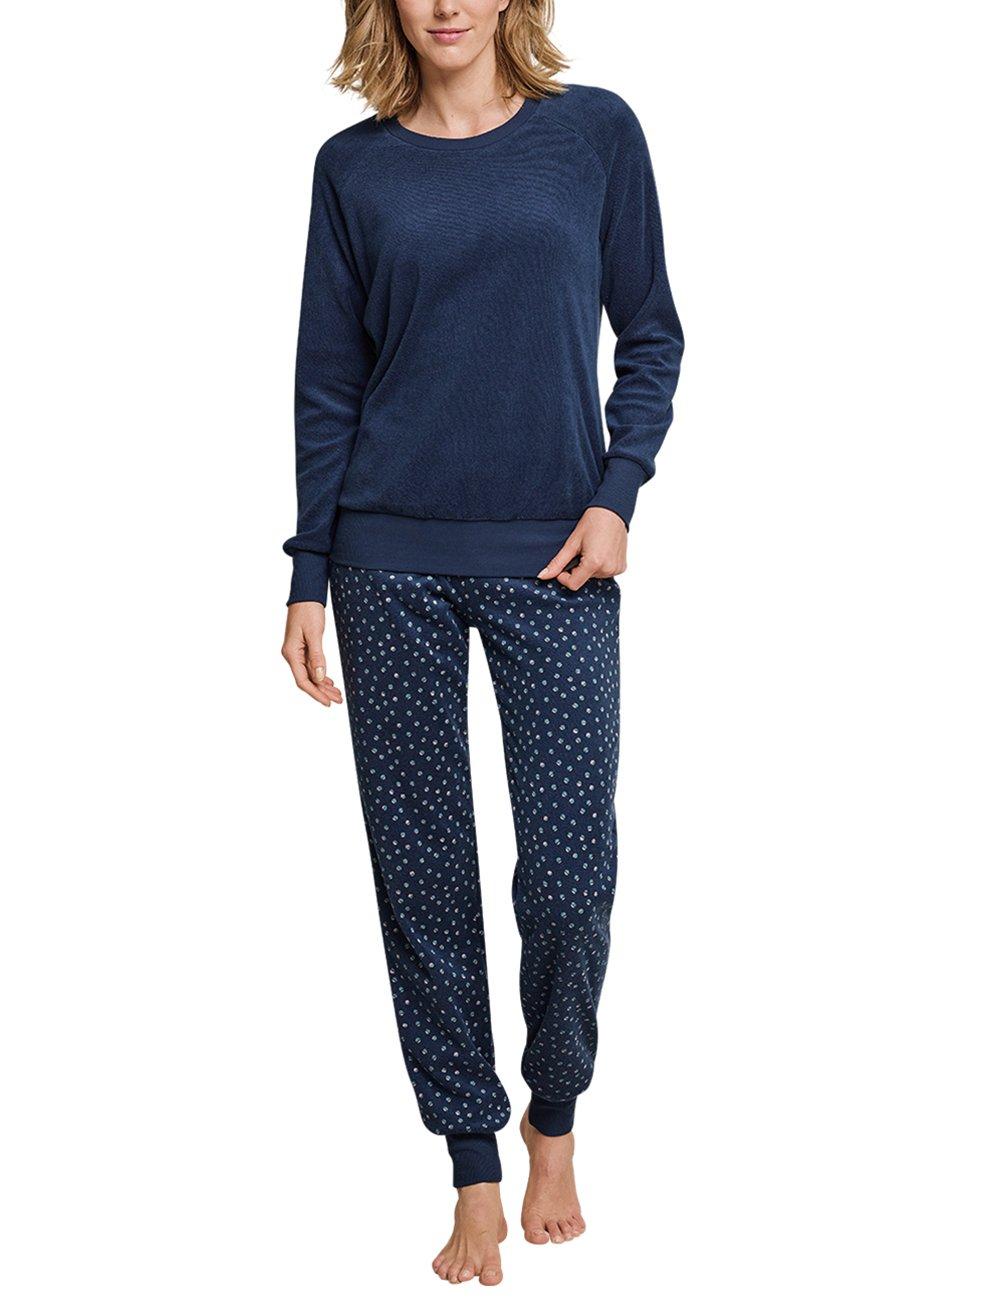 Schiesser Damen Zweiteiliger Schlafanzug Anzug Lang 162988